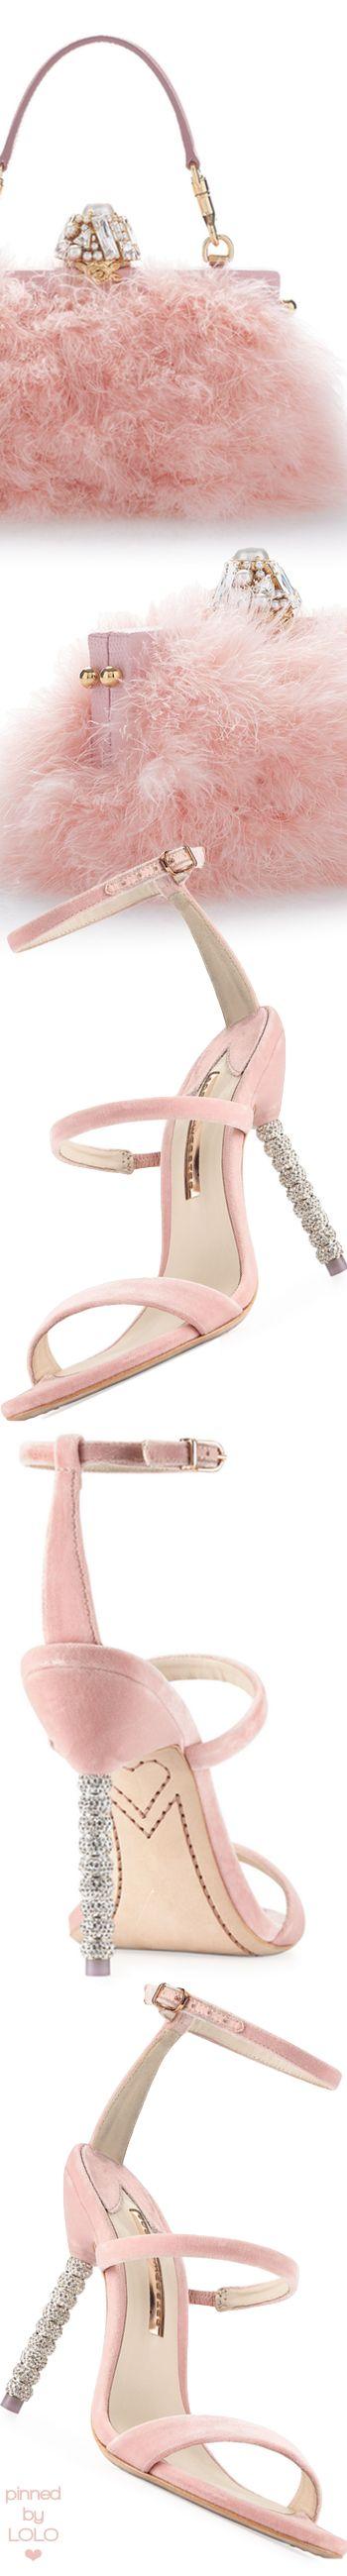 Sophia Webster Rosalind Velvet Sphere-Heel Sandal and Dolce & Gabbana Bag